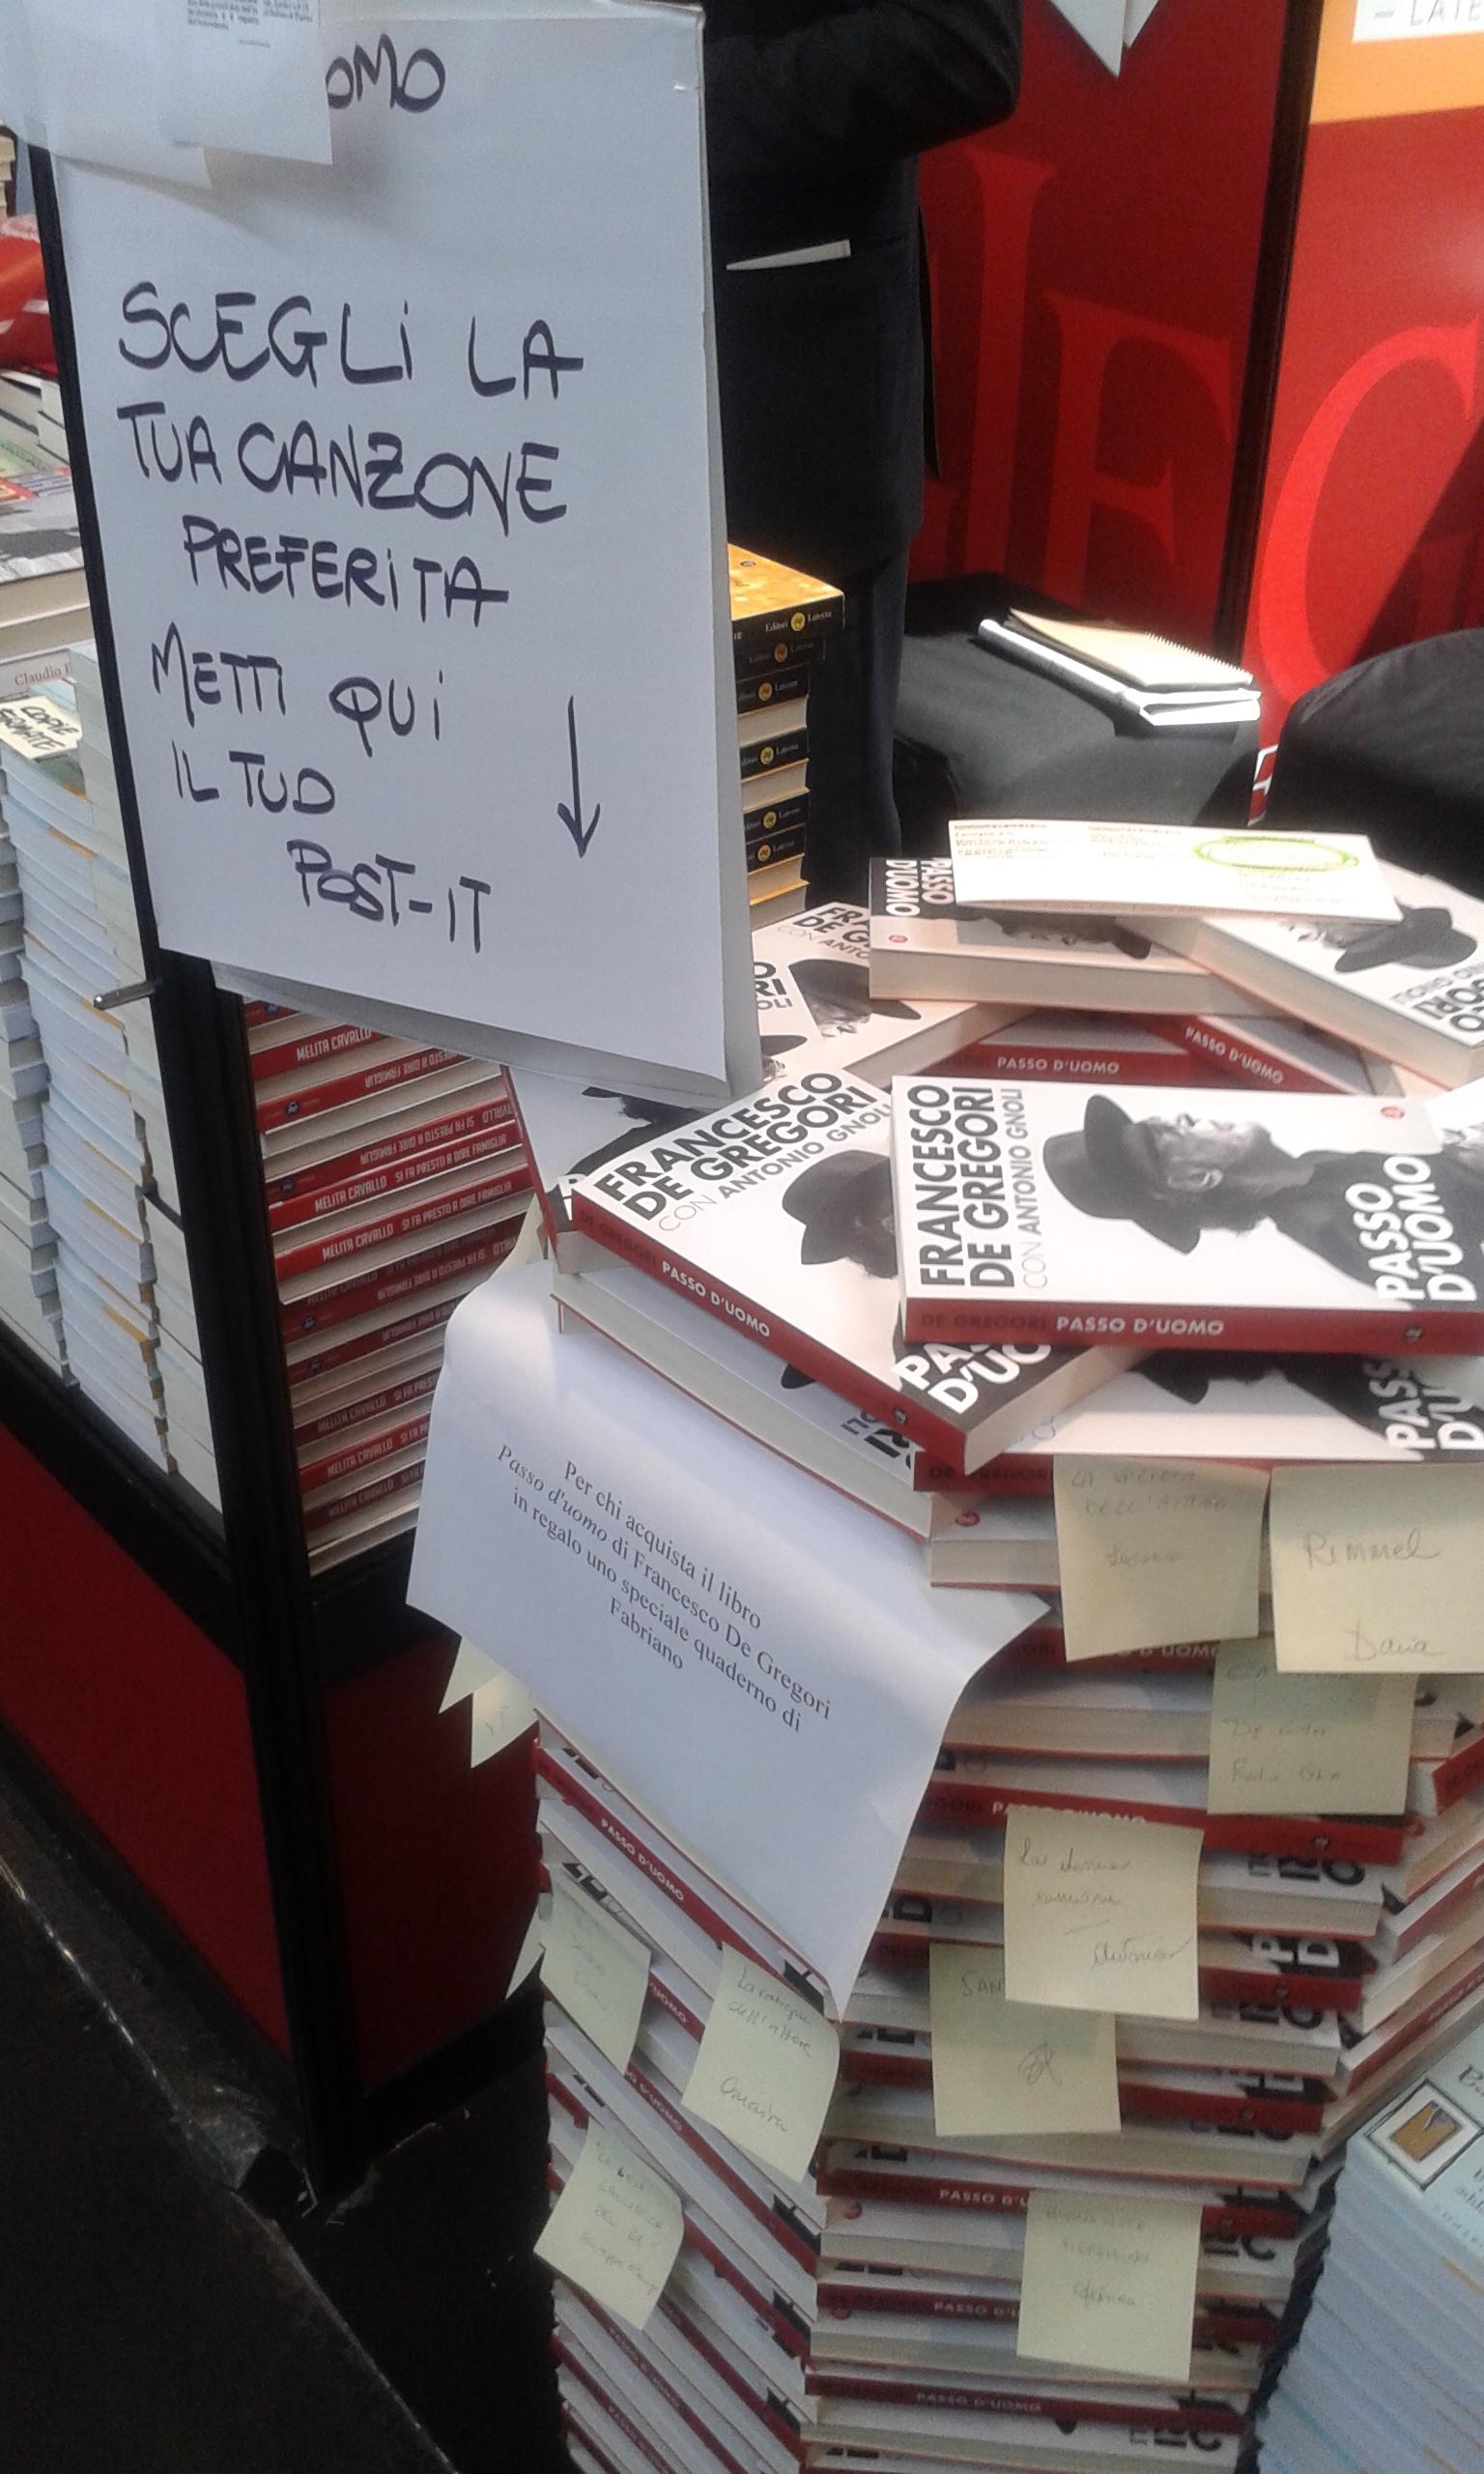 Torino salone libro foto Borrelli Romano.14 5 2016